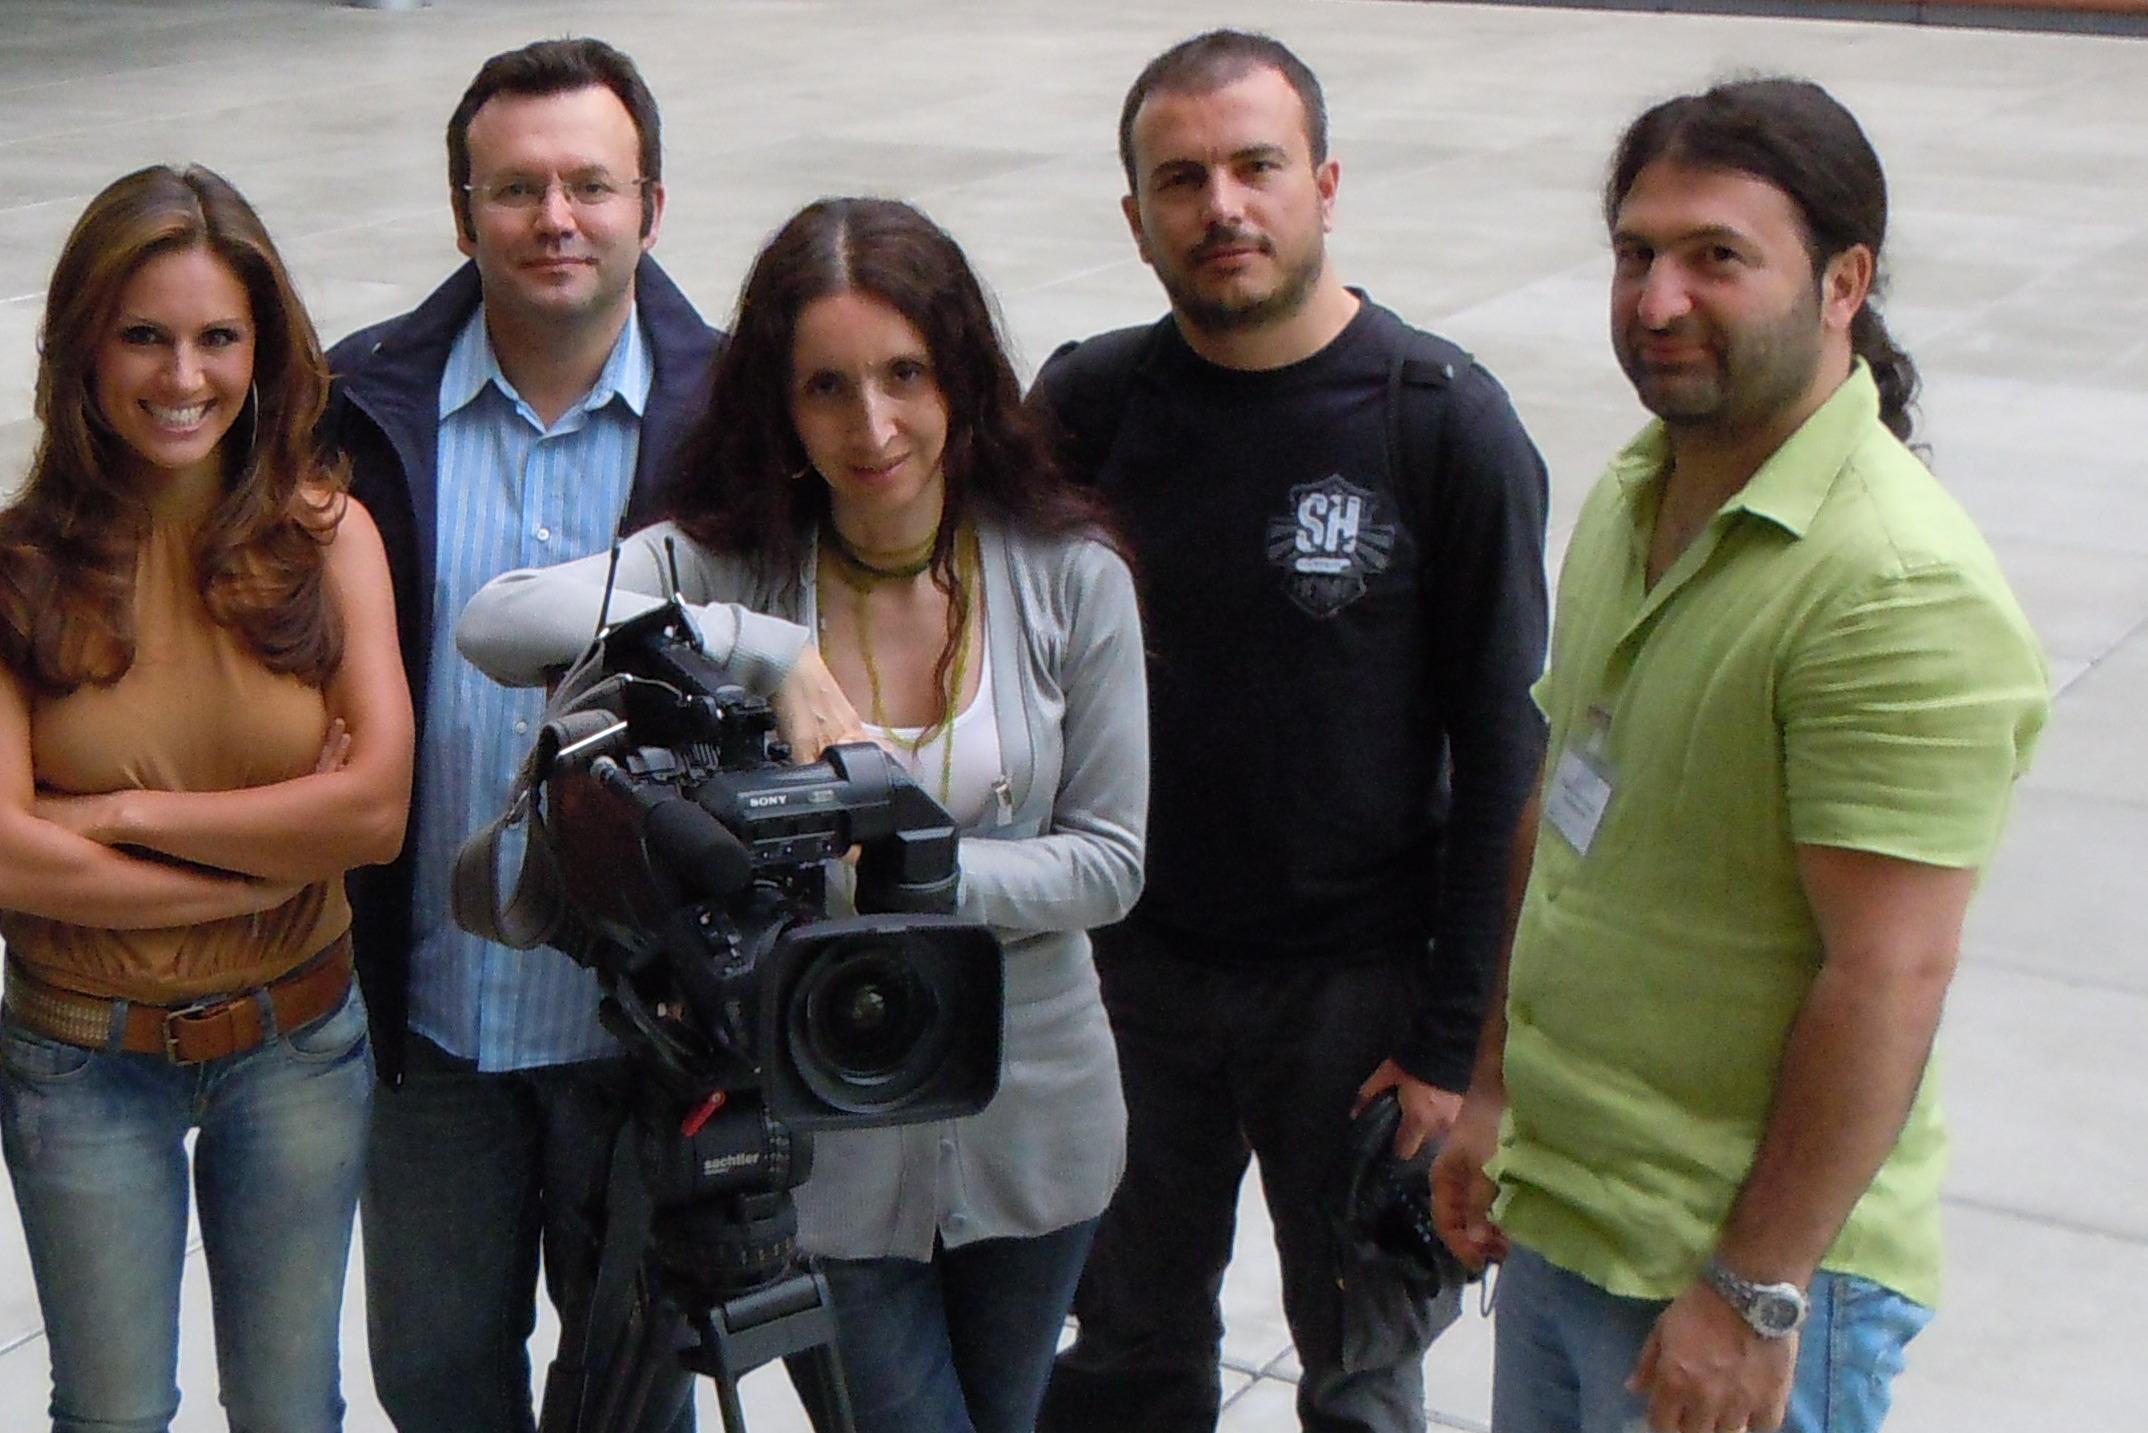 Nazan Eckes (RTL Sunucusu) Sema Korver ve kameramanlar